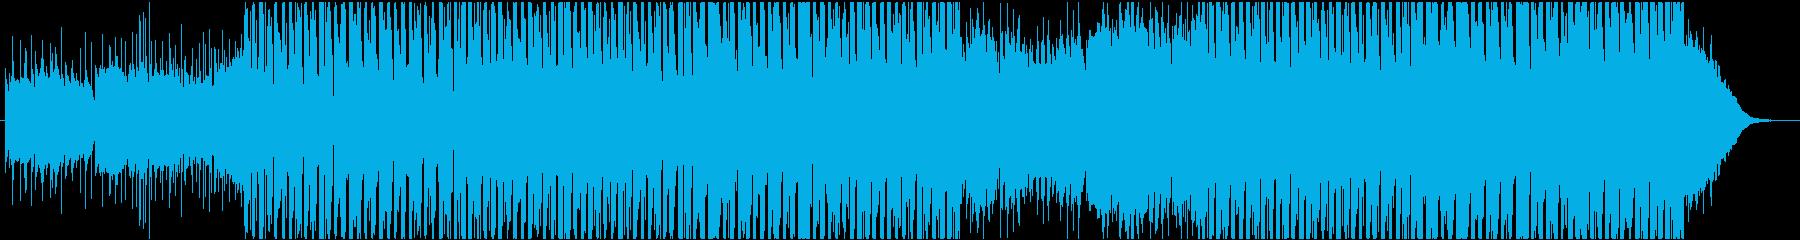 トロピカルでナチュラルなハウスの再生済みの波形